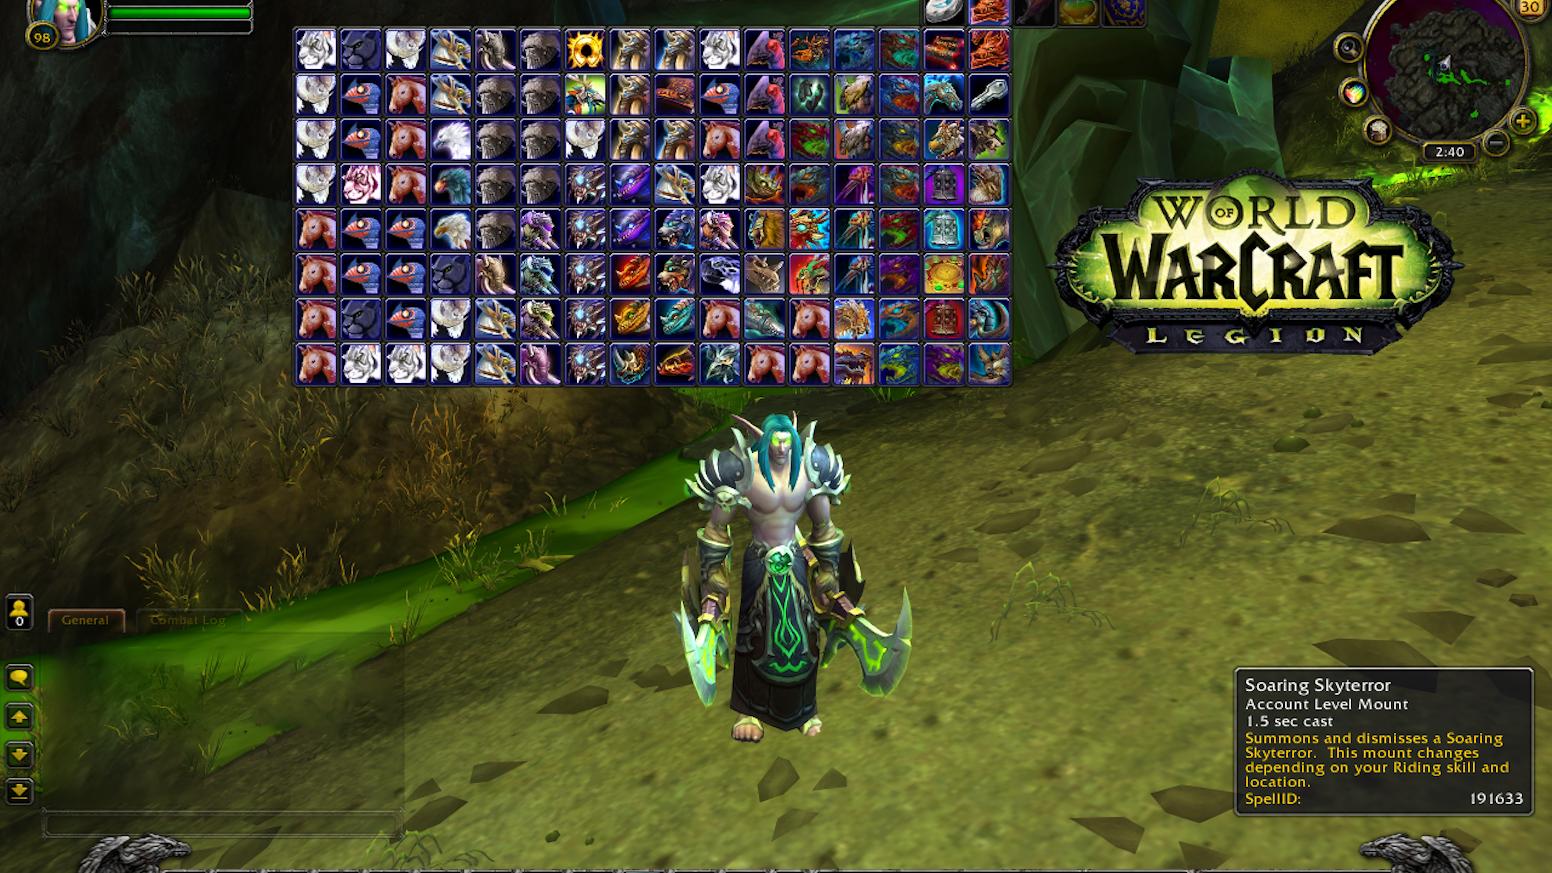 AutoBar: Legion Update (World of Warcraft addon) by Ken Paulson